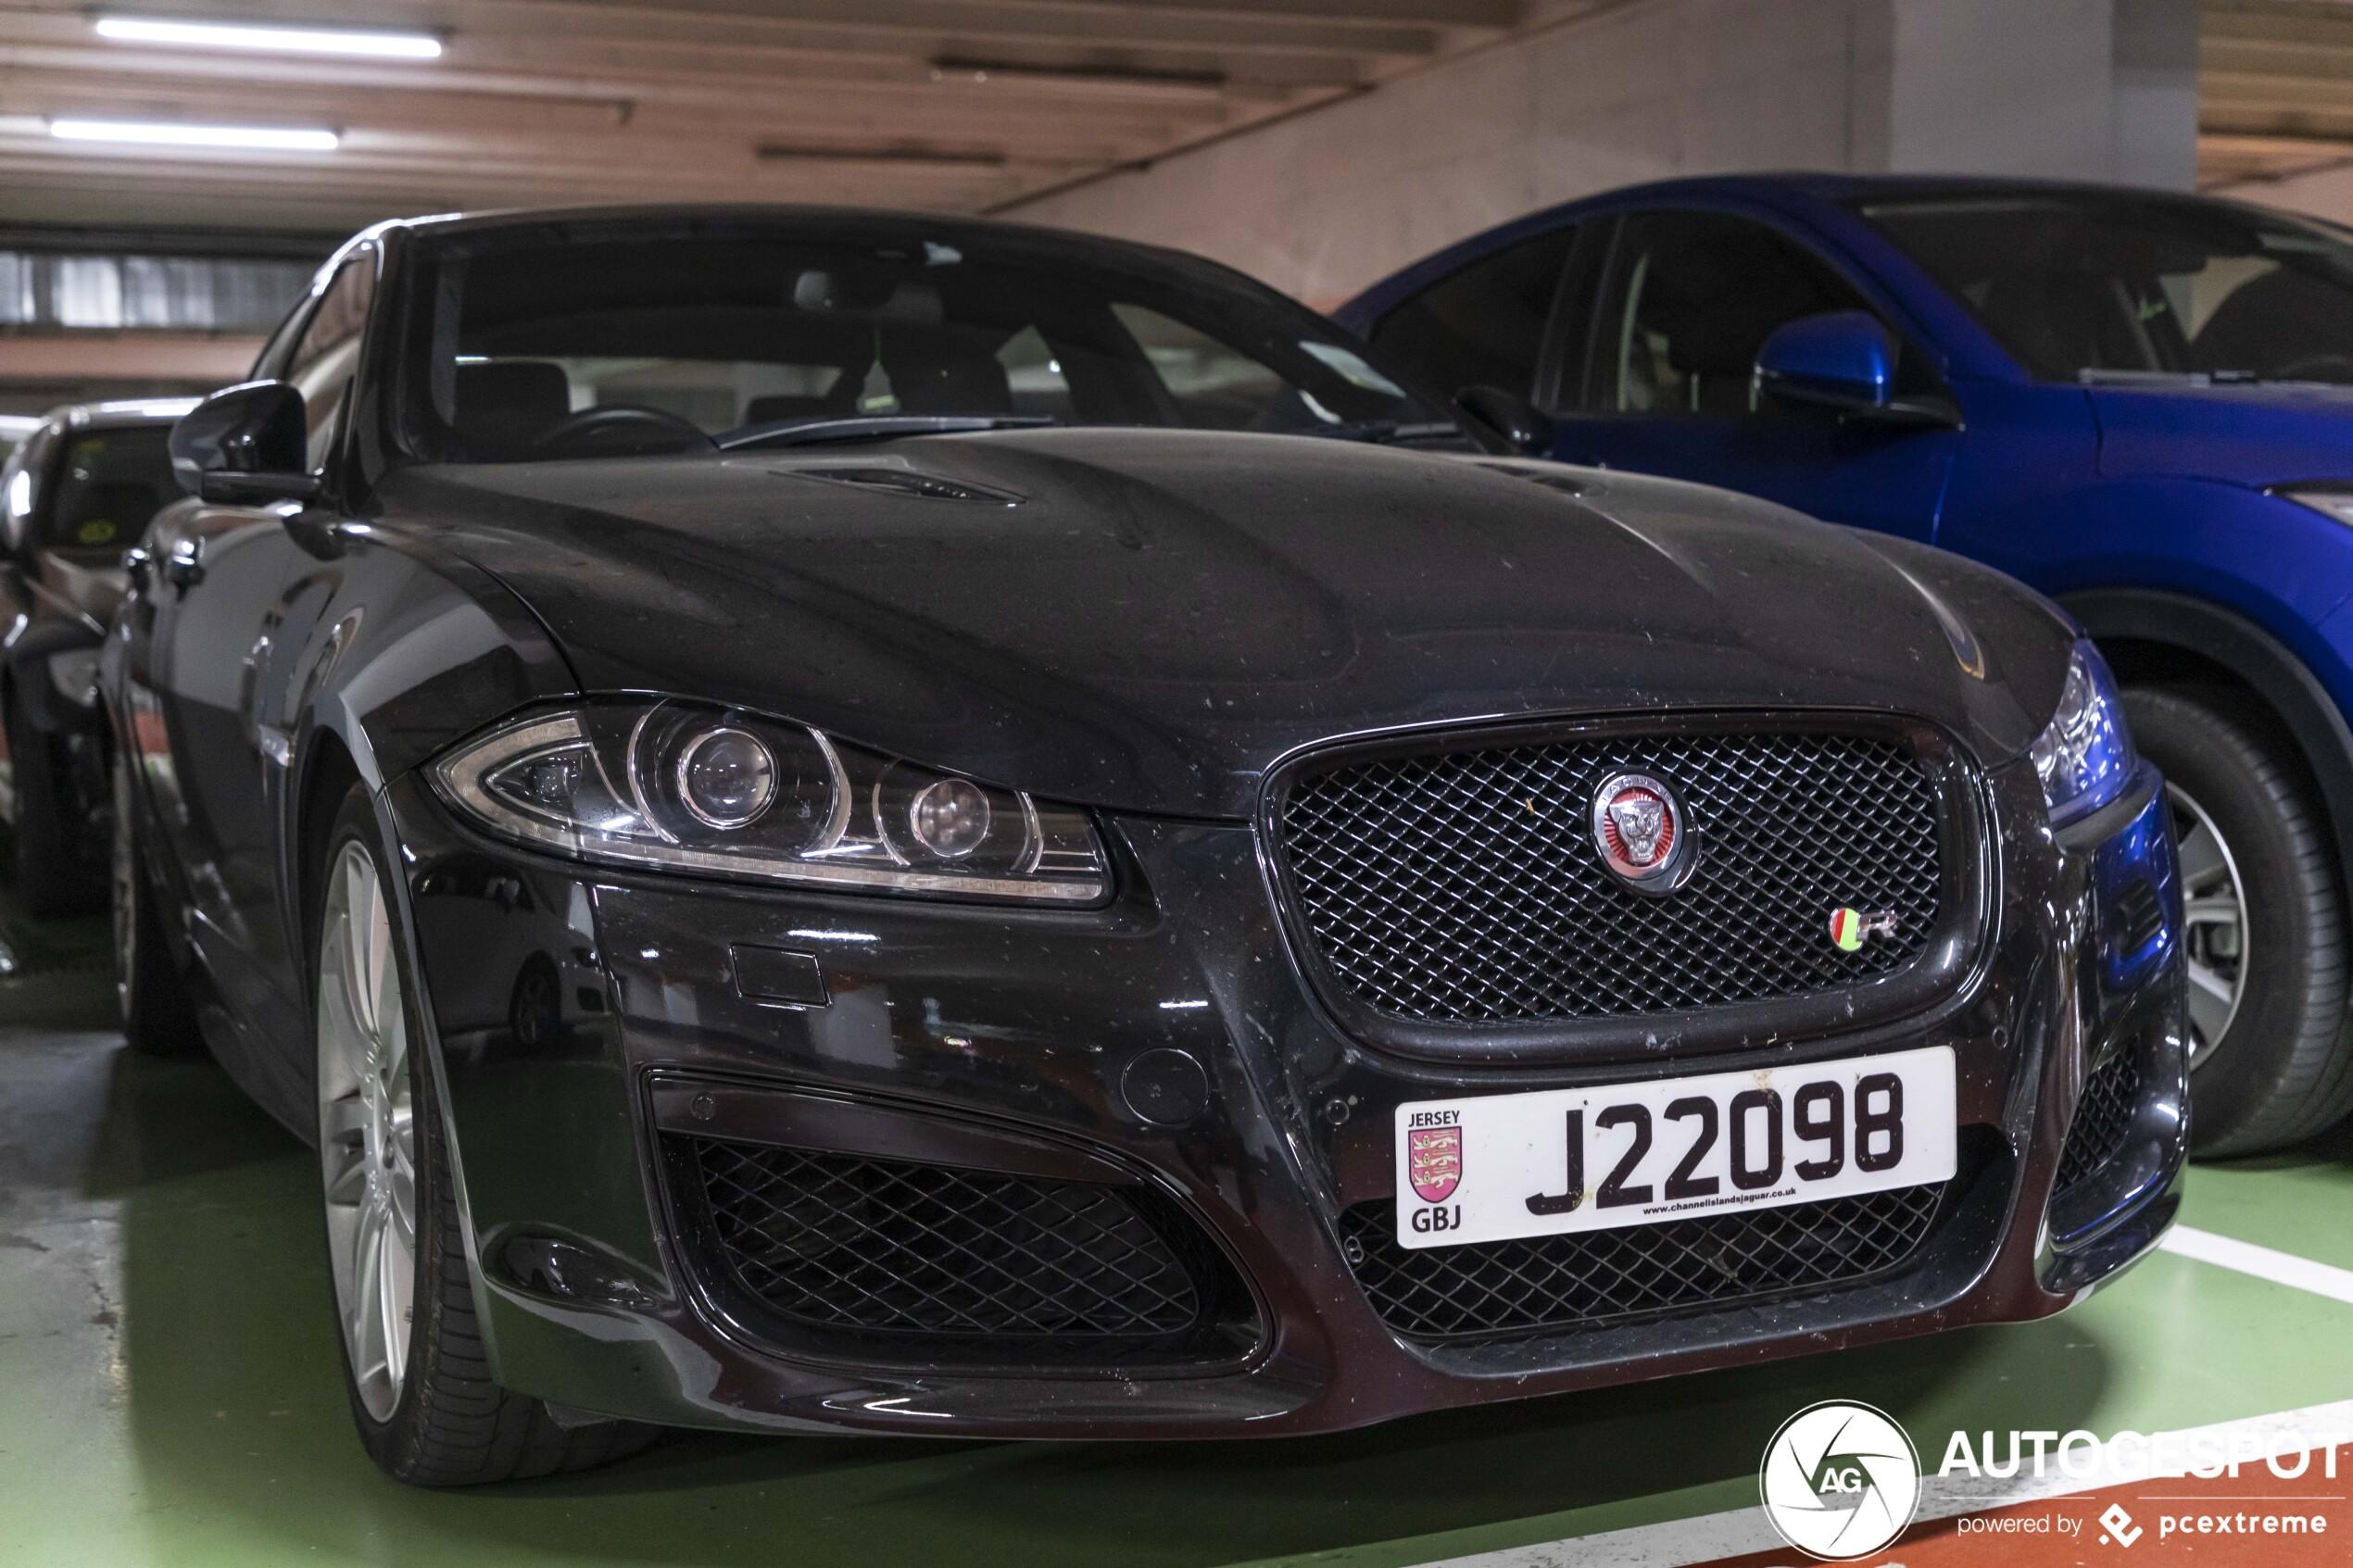 Jaguar XFR 2011 - 15 March 2020 - Autogespot